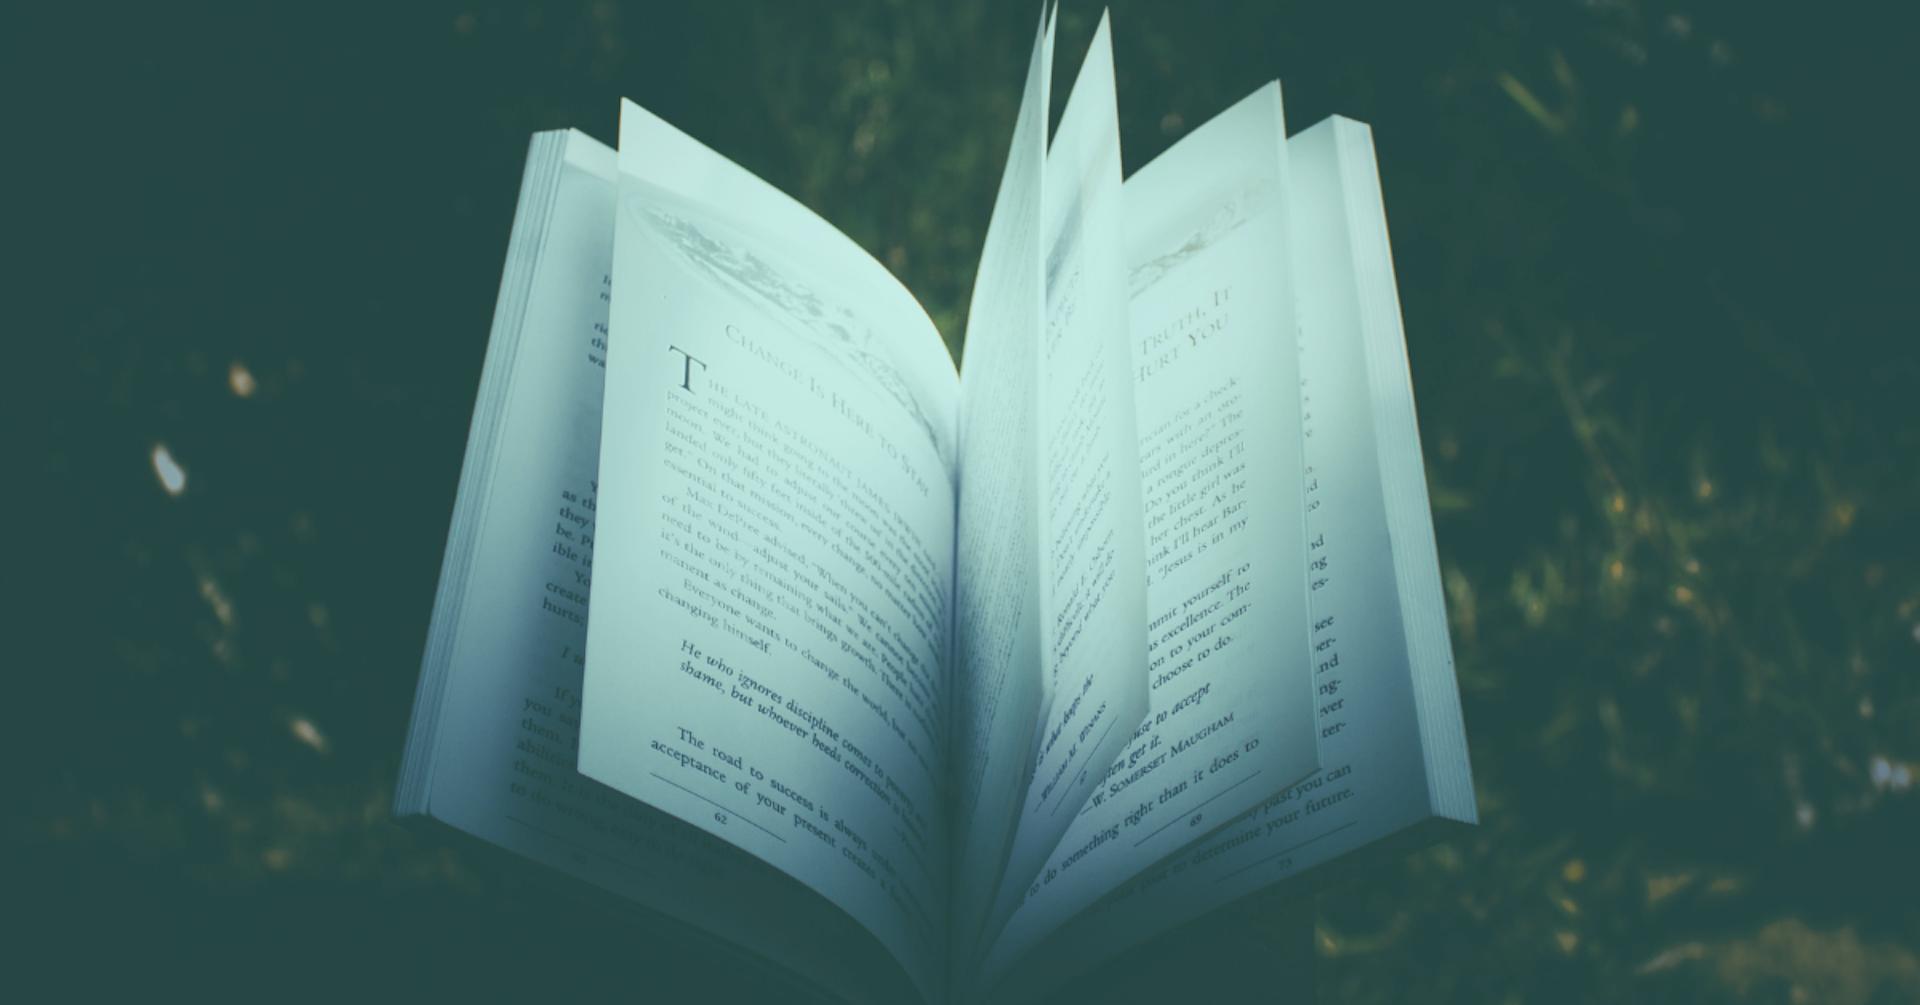 ¿Cuáles son los elementos de un cuento? Aprende a identificarlos y a utilizarlos en tus historias